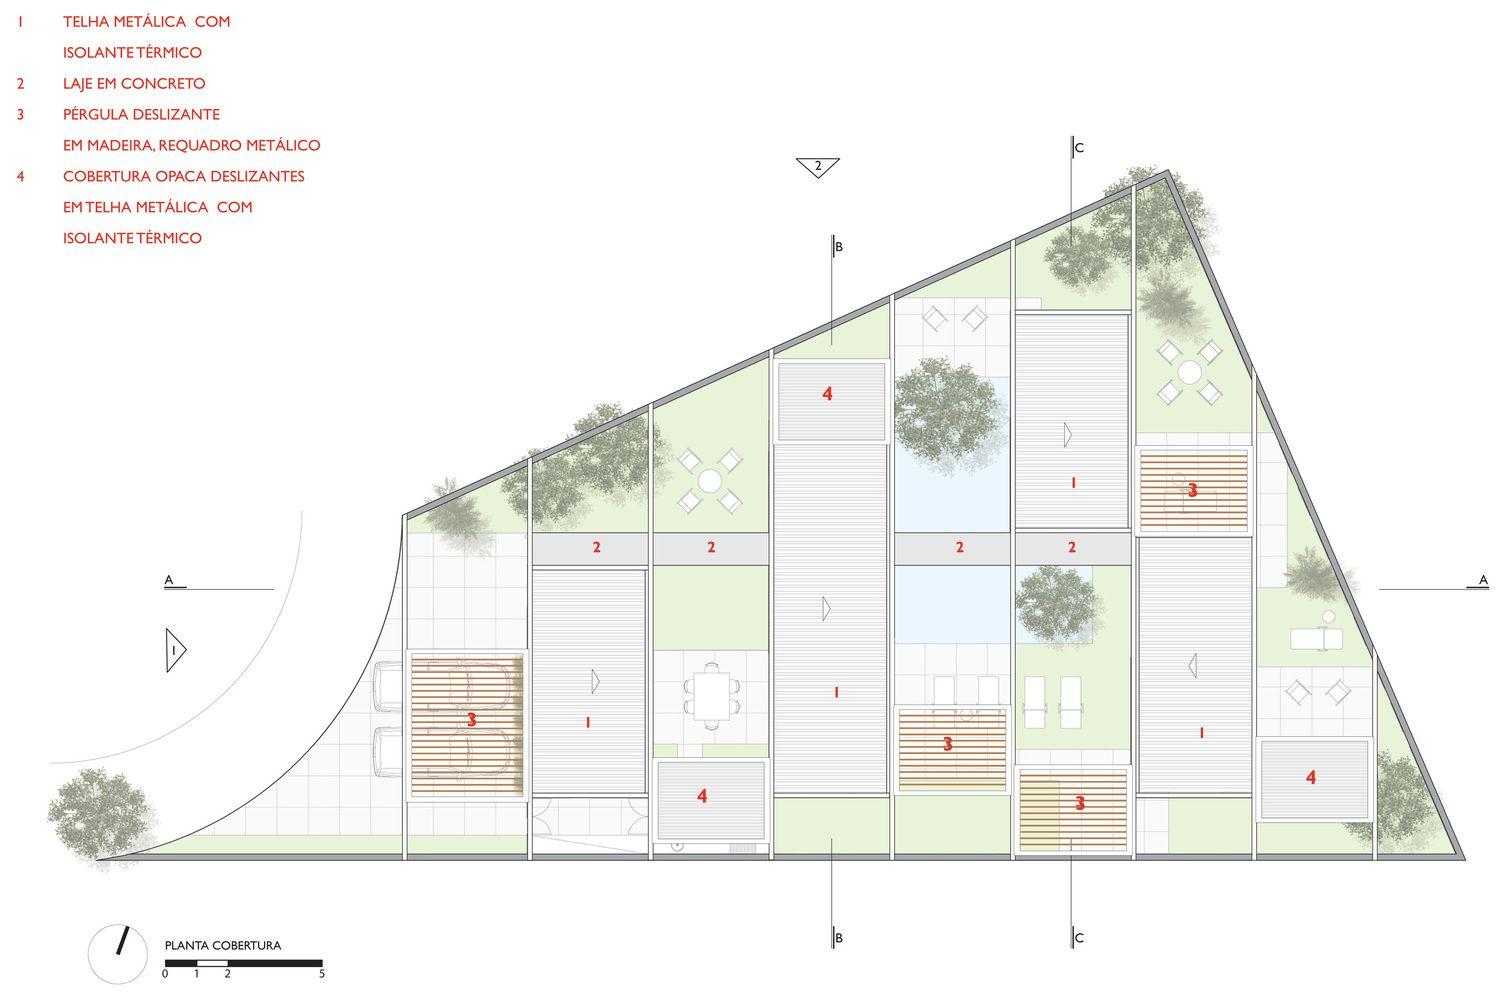 Galería de Casa de las Pérgolas Deslizantes / FGMF Arquitectos. Vista-32. Planta de Cubiertas o Techos.